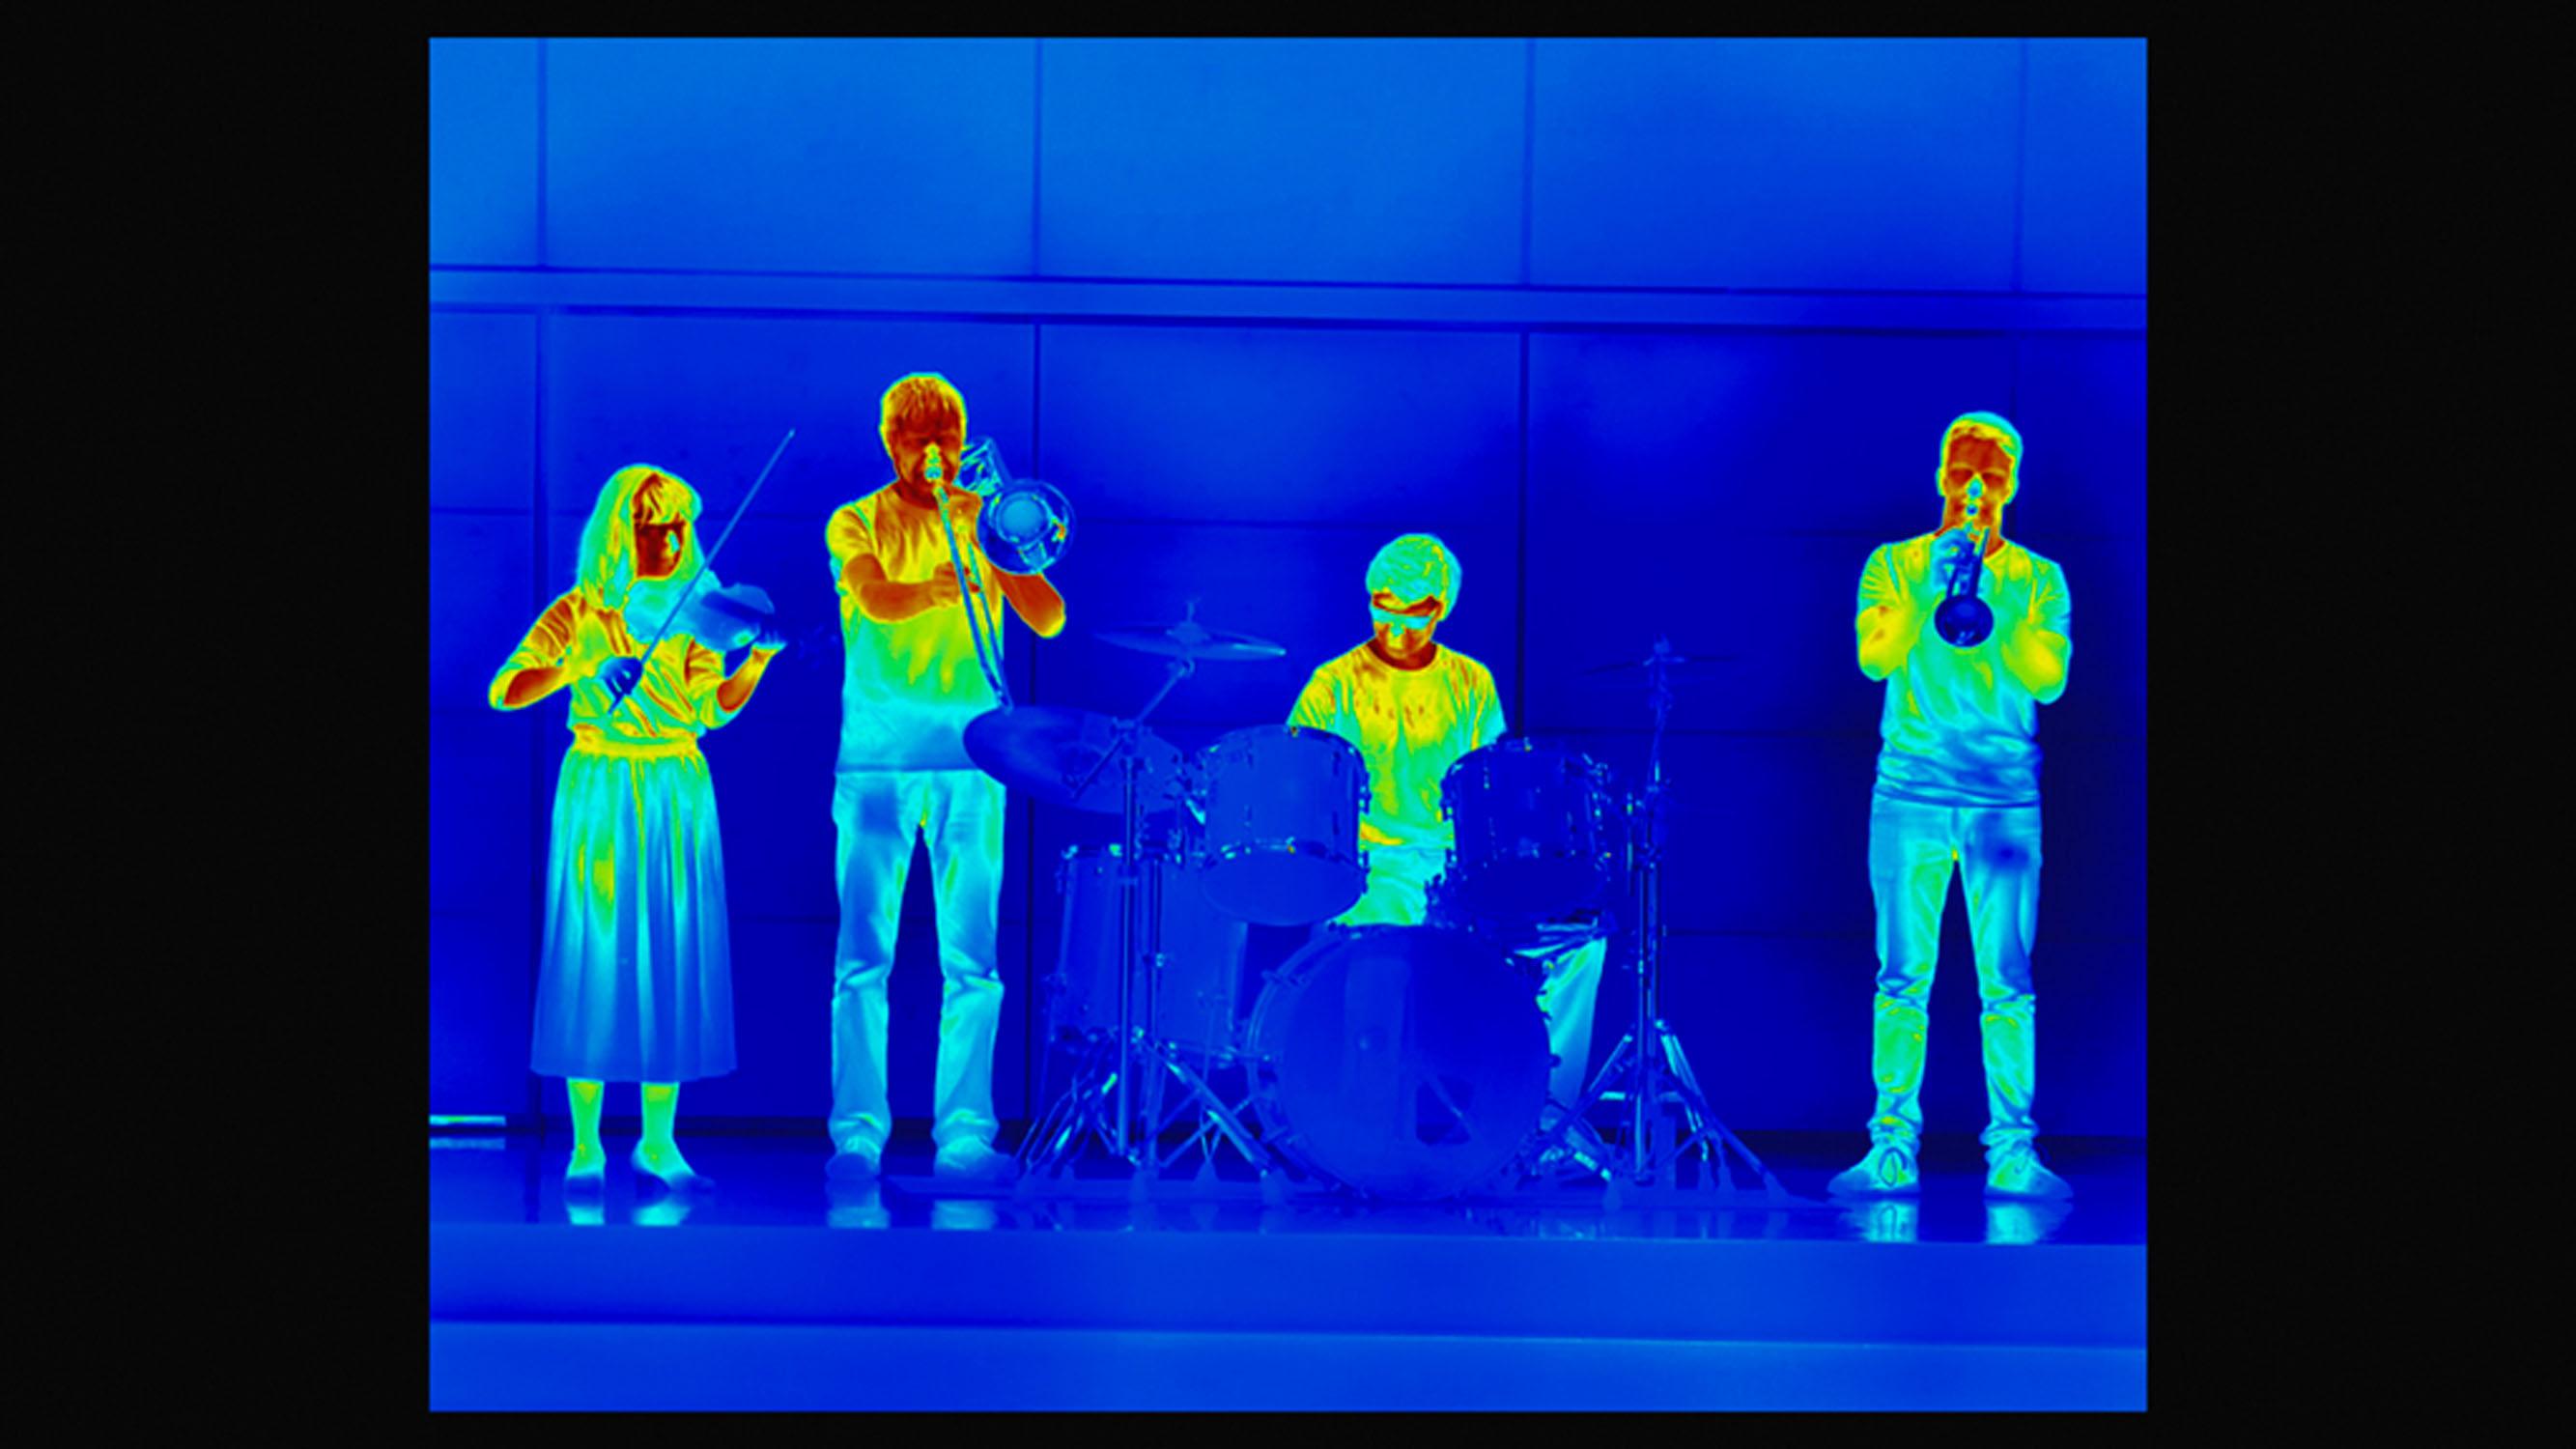 Wärembildkamera-Aufnahmen im Konzertsall im Schloss Kapfenburg